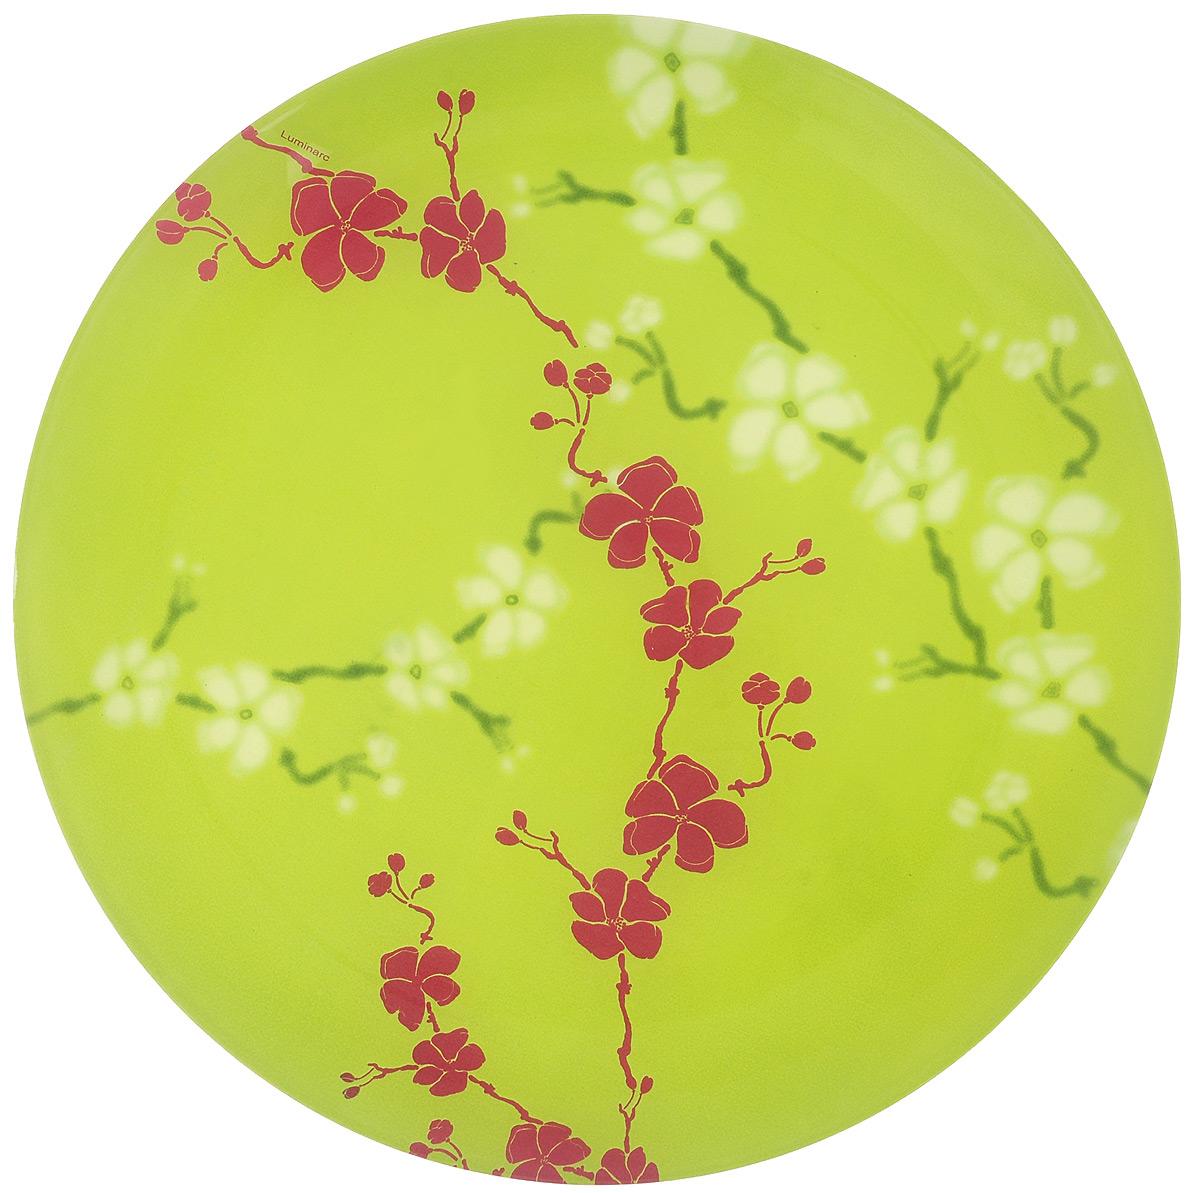 Тарелка обеденная Luminarc Kashima Green, диаметр 25 смG9326Обеденная тарелка Luminarc Kashima Green изготовлена из высококачественного ударопрочного стекла. Тарелка декорирована красочным контрастным цветочным рисунком. Яркий дизайн придется по вкусу и ценителям классики, и тем, кто предпочитает утонченность. Такая тарелка прекрасно подходит как для торжественных случаев, так и для повседневного использования. Предназначена для подачи вторых блюд. Можно использовать в СВЧ и мыть в посудомоечной машине. Диаметр тарелки: 25 см. Высота тарелки: 2 см.